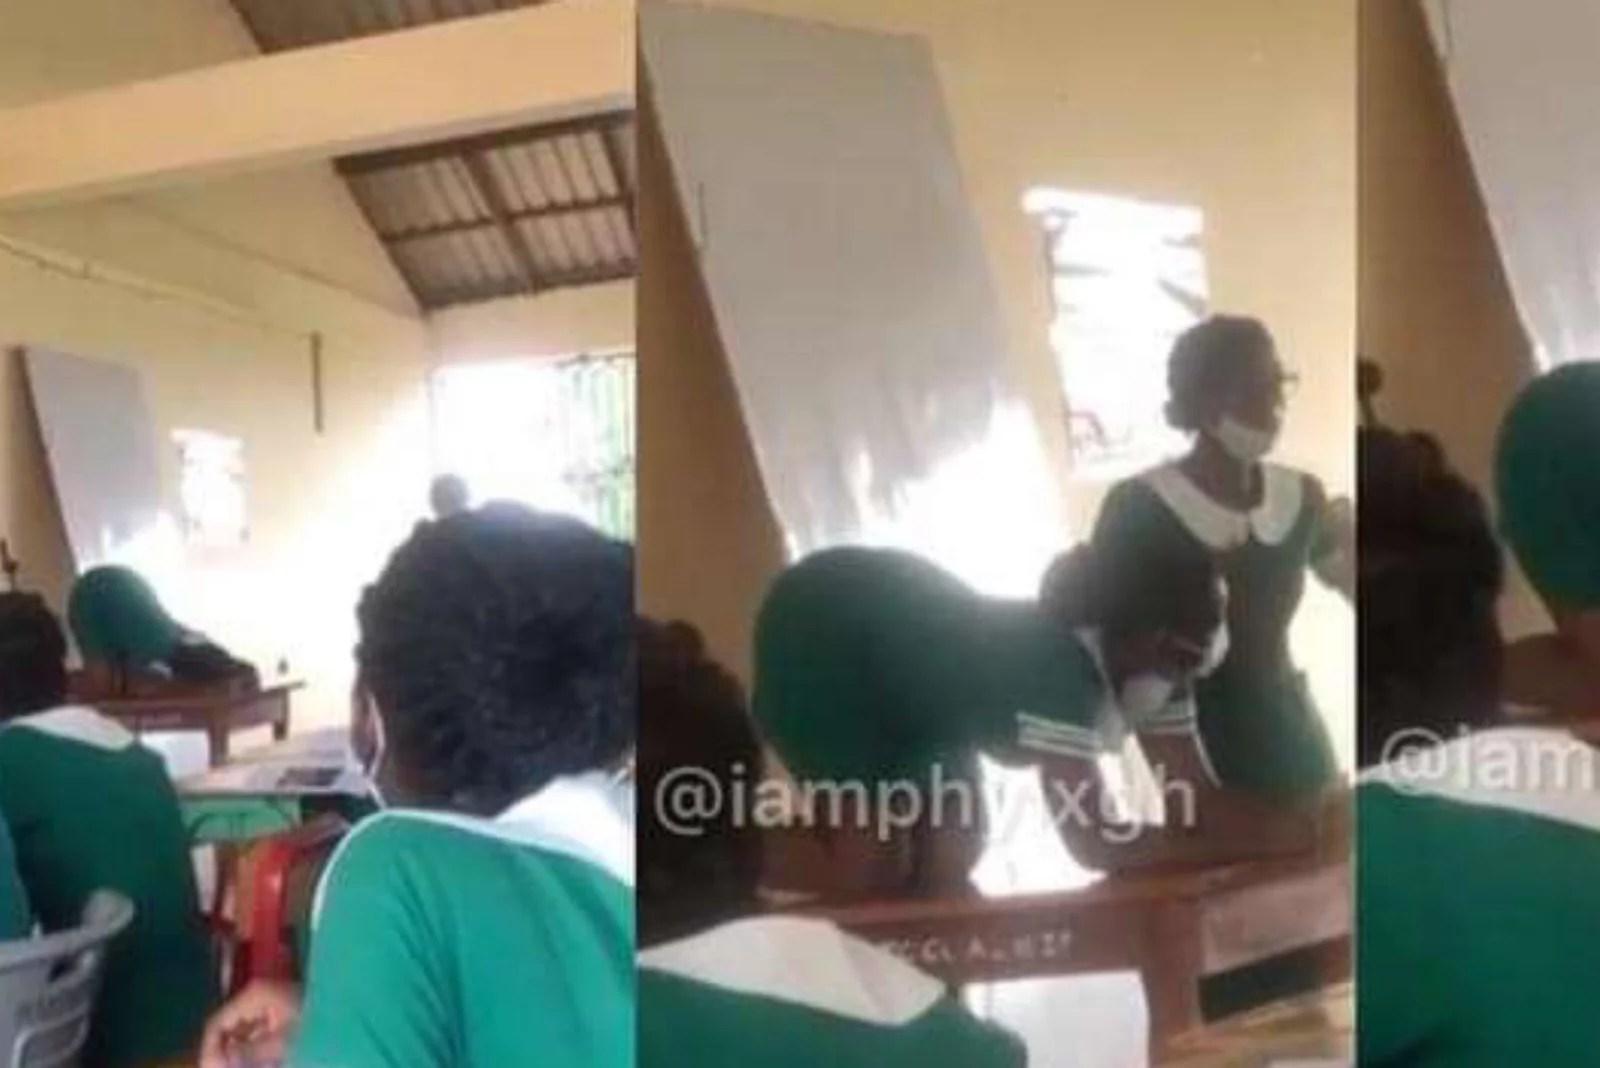 Insolite: Ghana :en plein cours, des étudiantes d'une école filmées en train d'apprendre des positions $3xu*elles